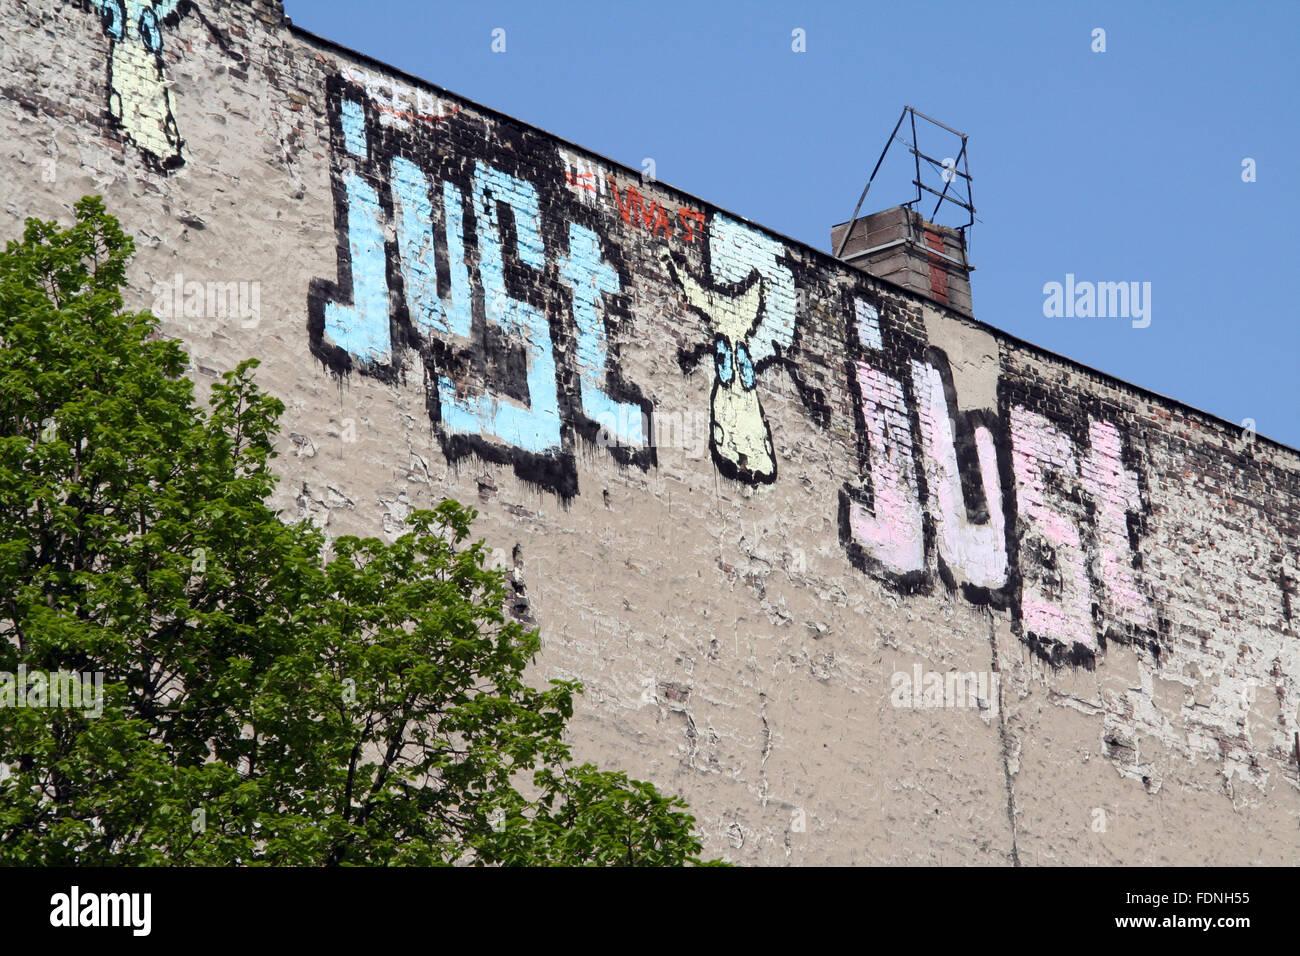 Appena,graffiti,casa wall Immagini Stock